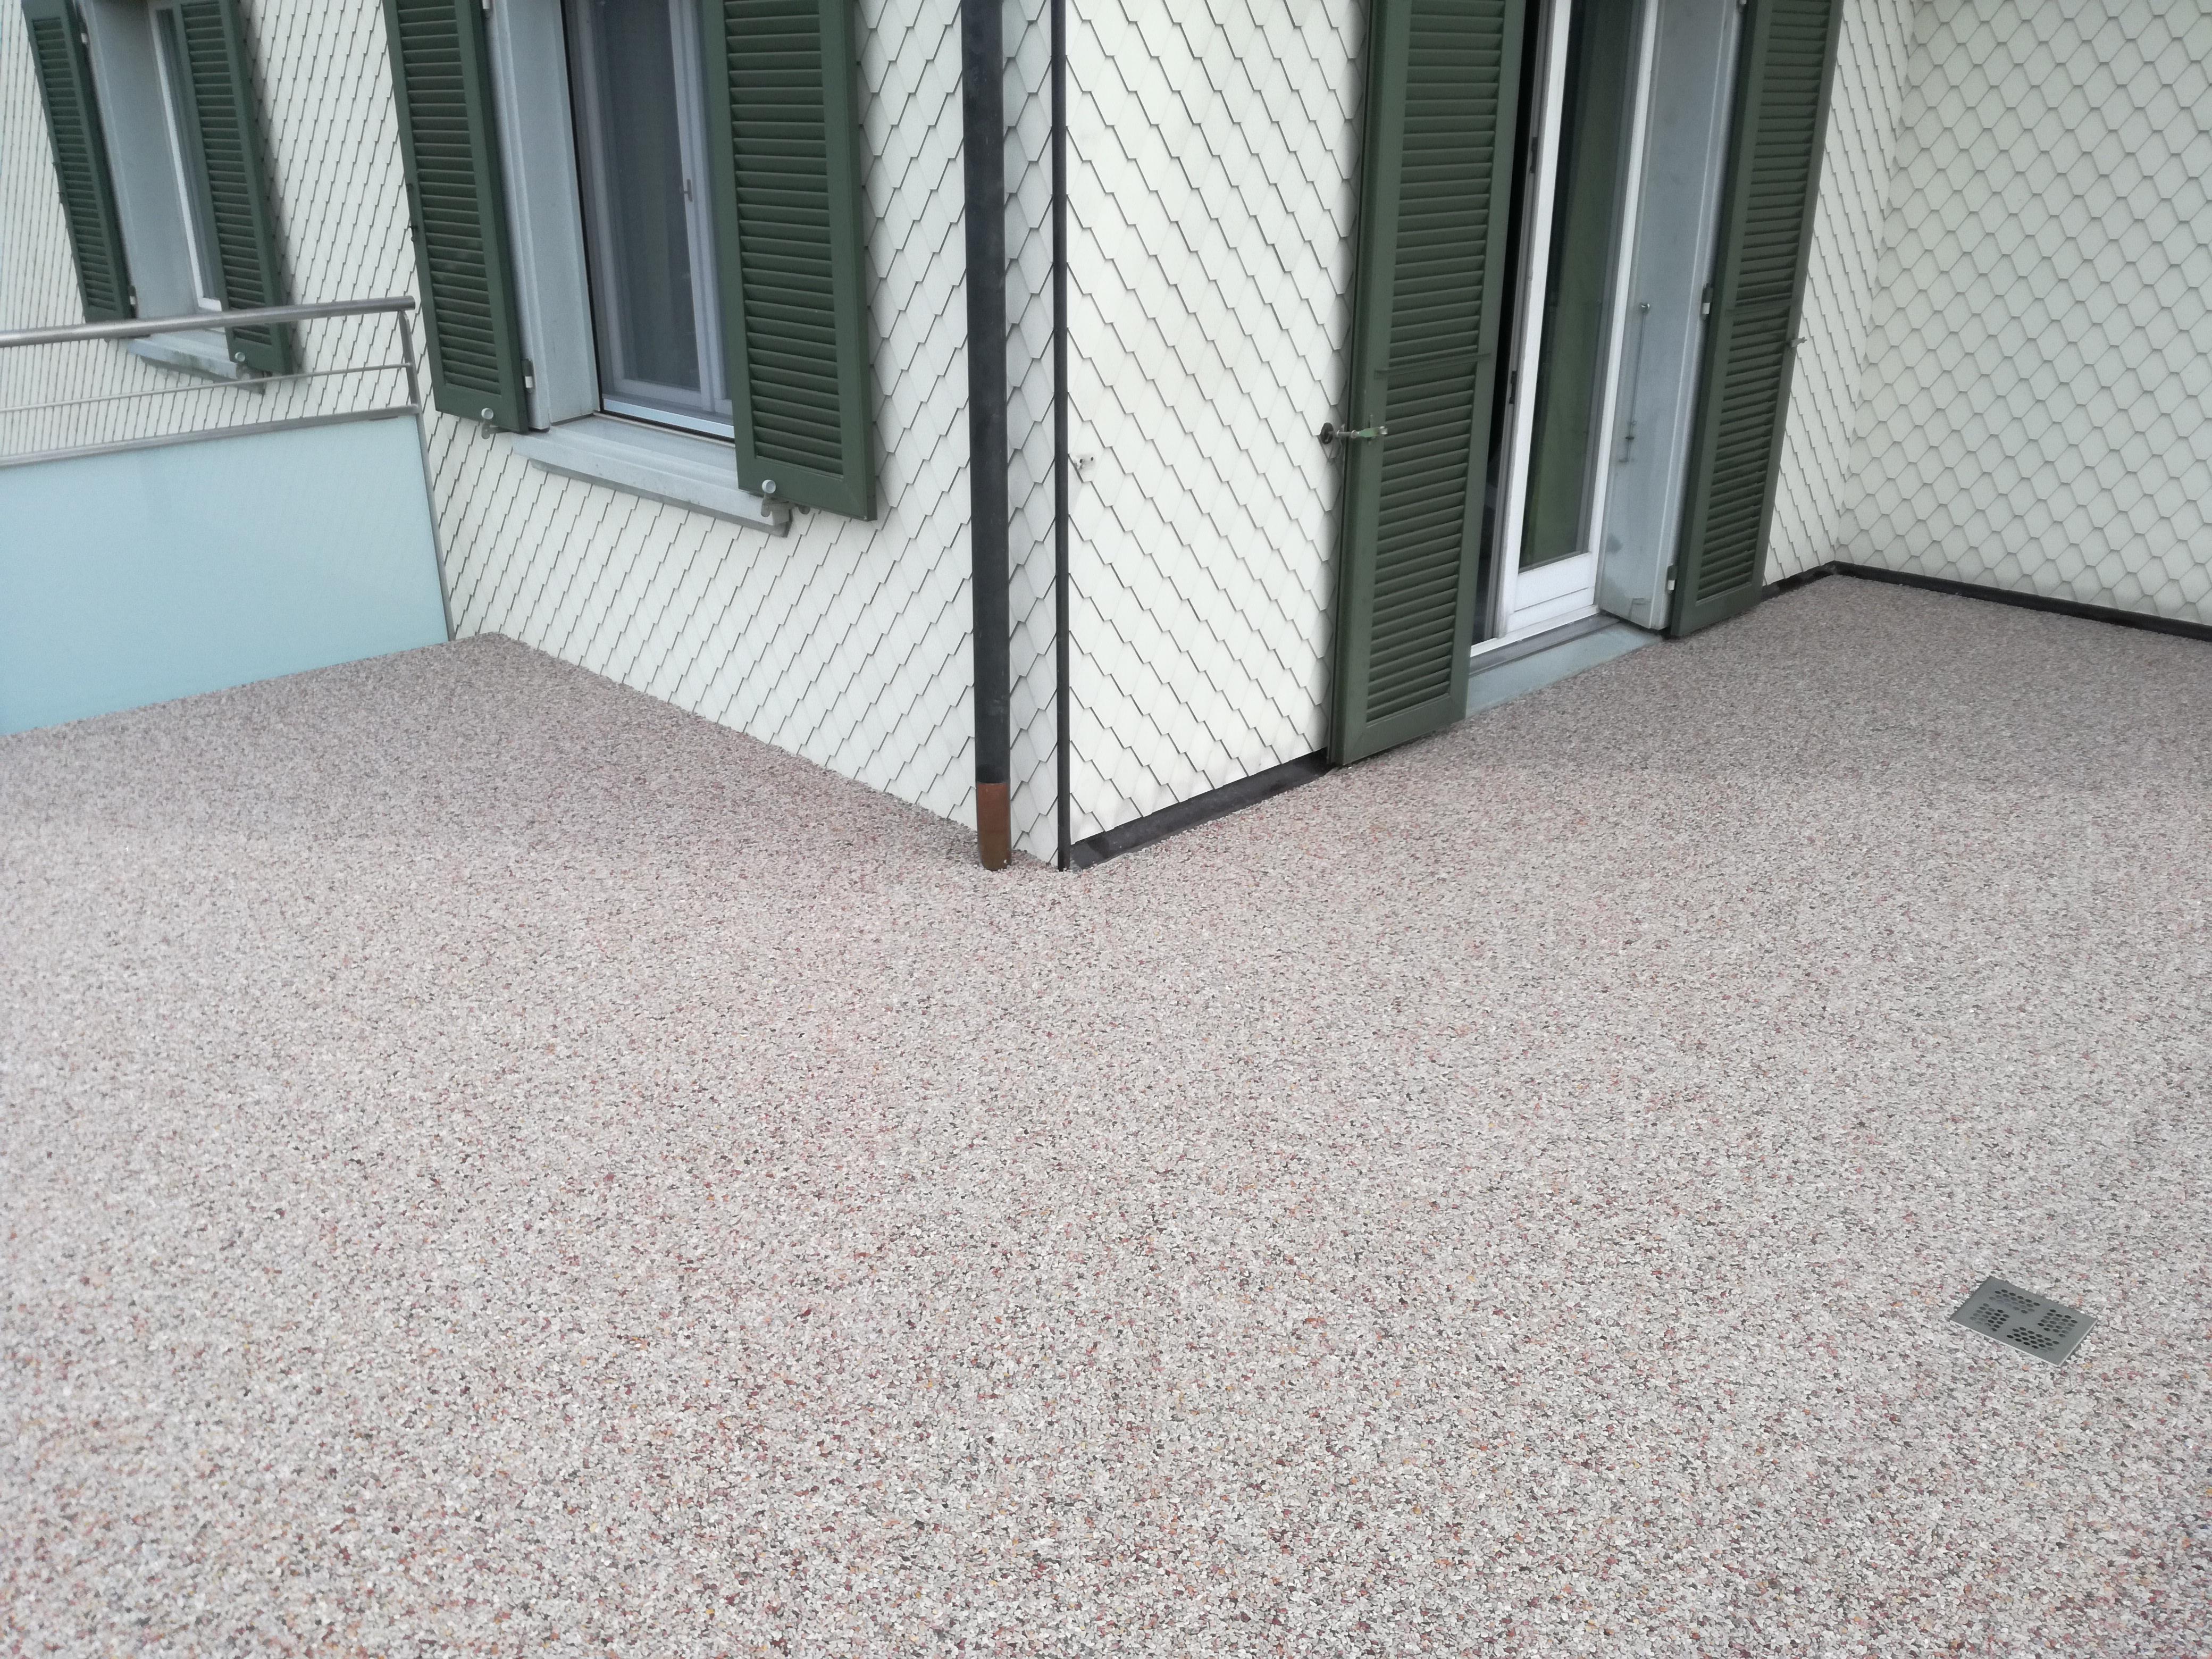 Steinteppich Kosten Und Preise Fugenloser Bodenbelag Fur Den Innen